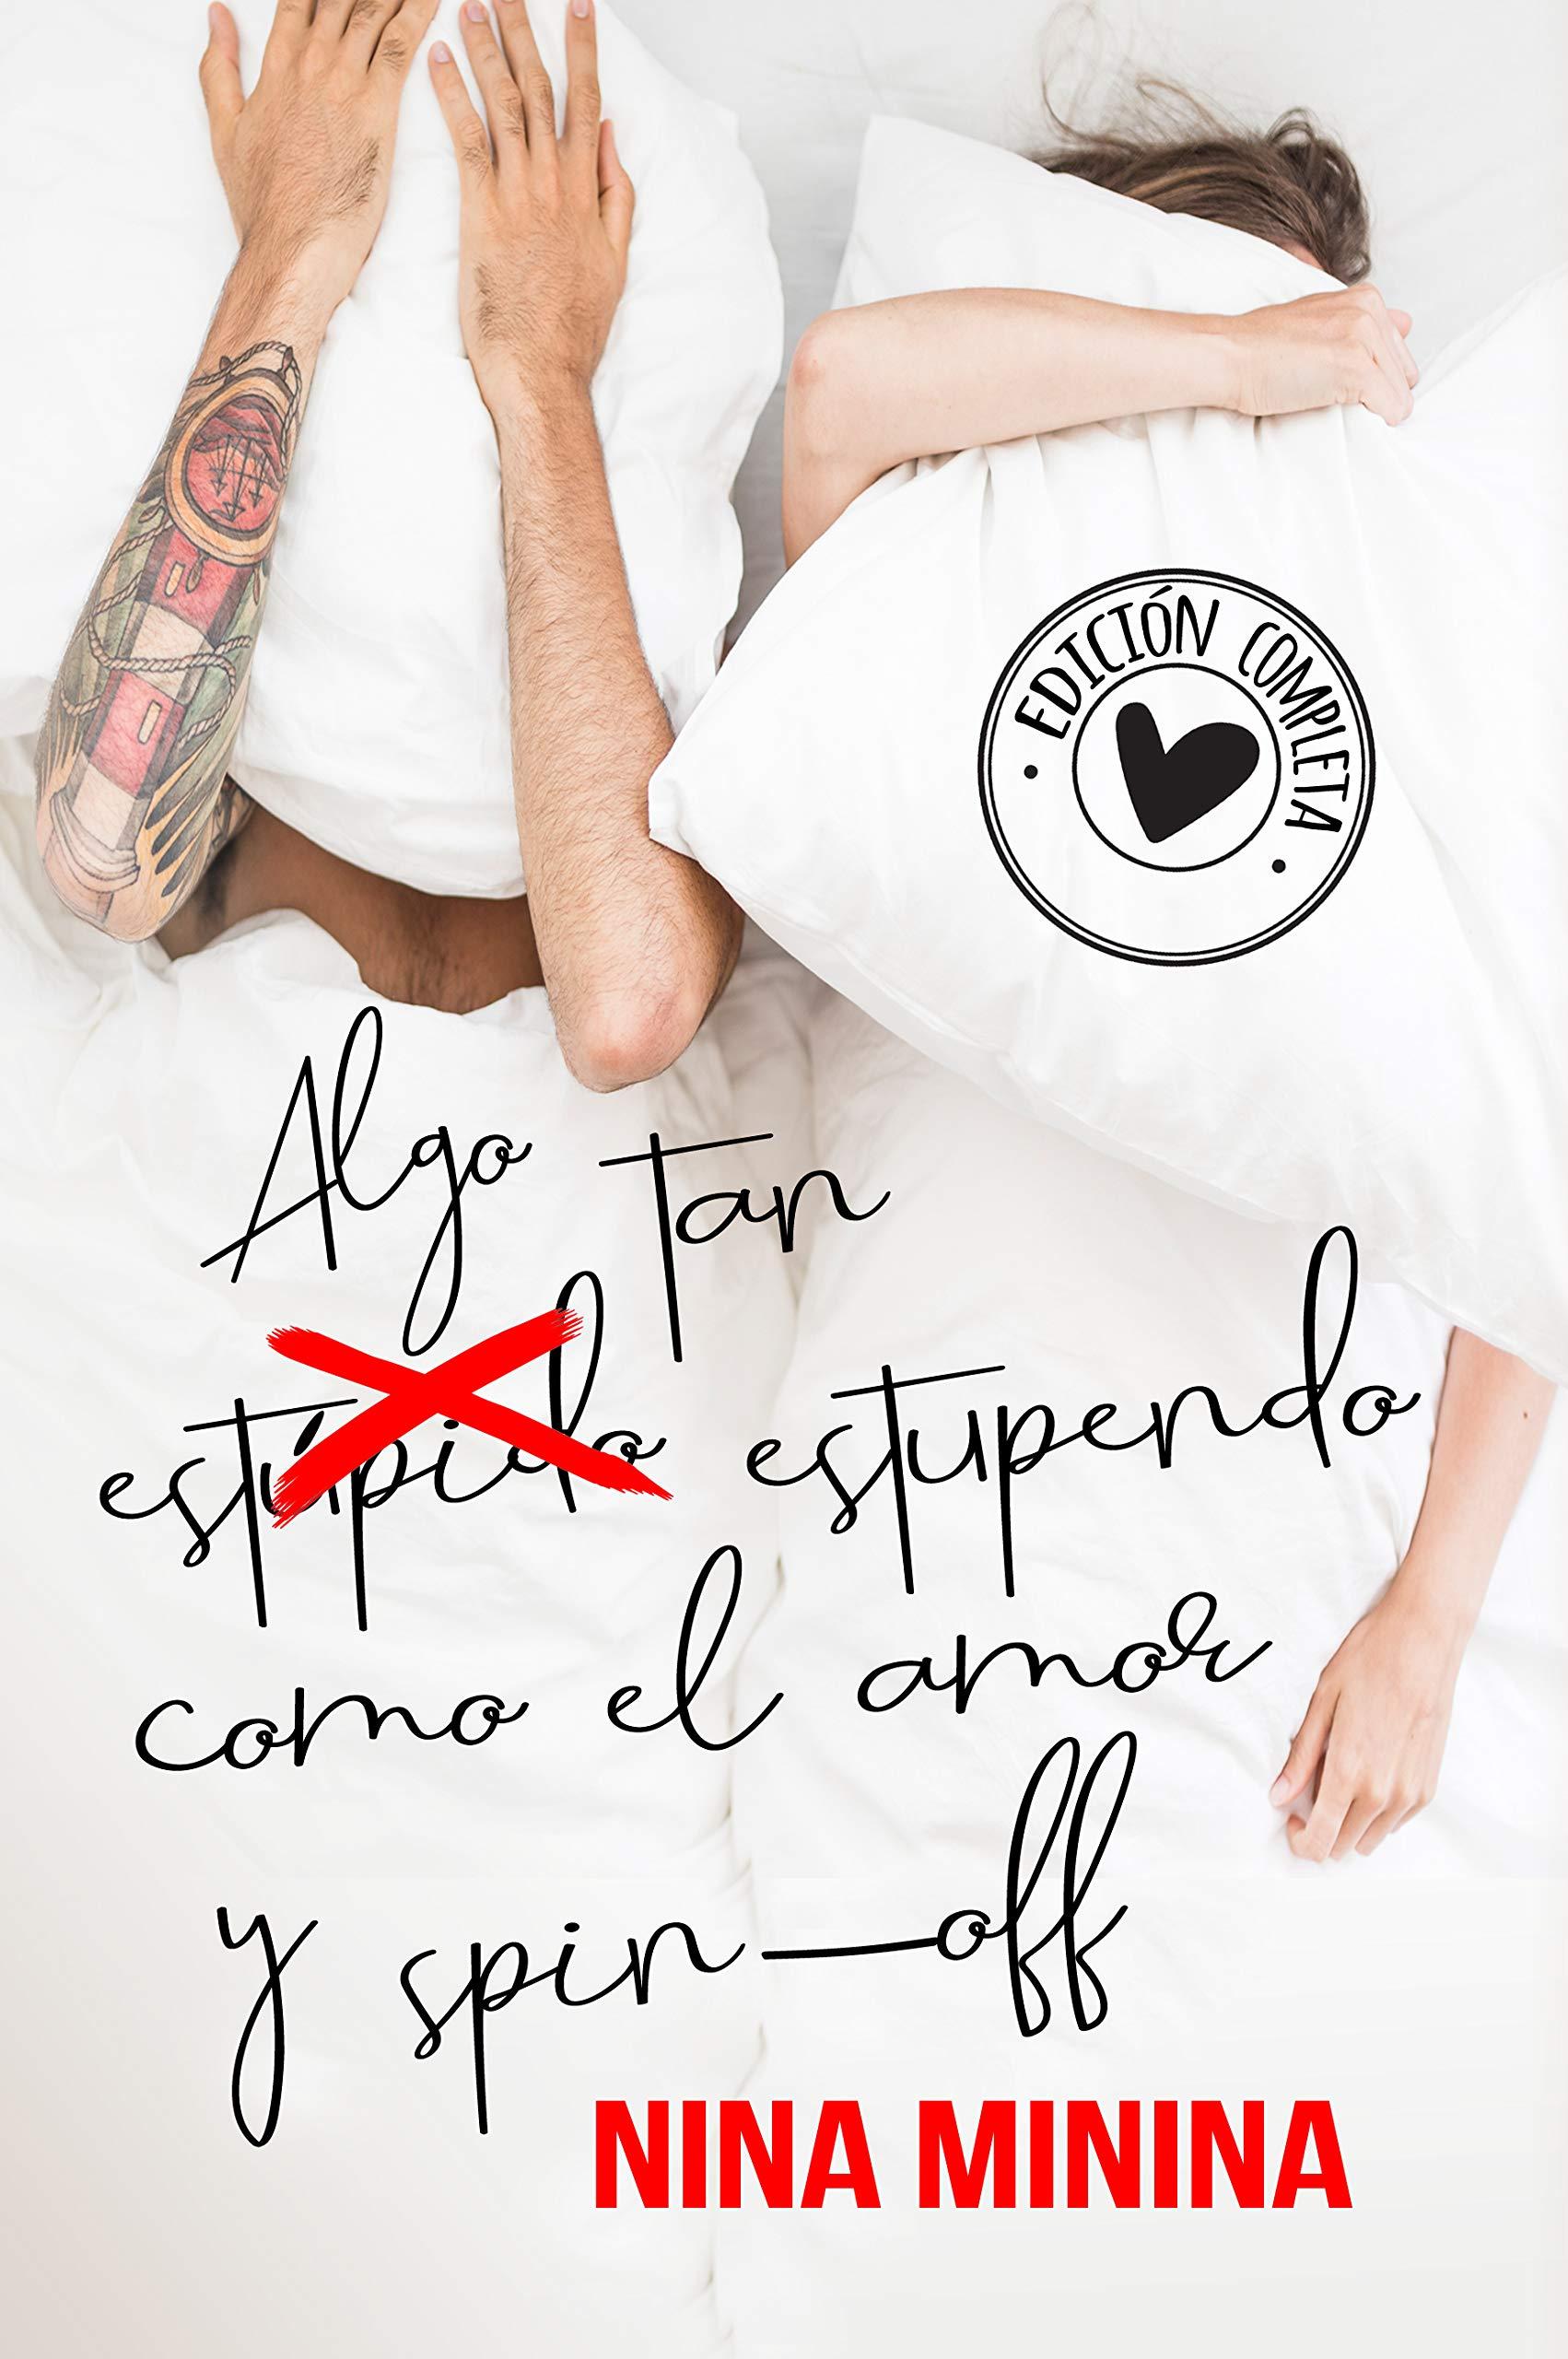 Algo tan (estúpido) estupendo como el amor y spin-off: Edición completa por Nina Minina